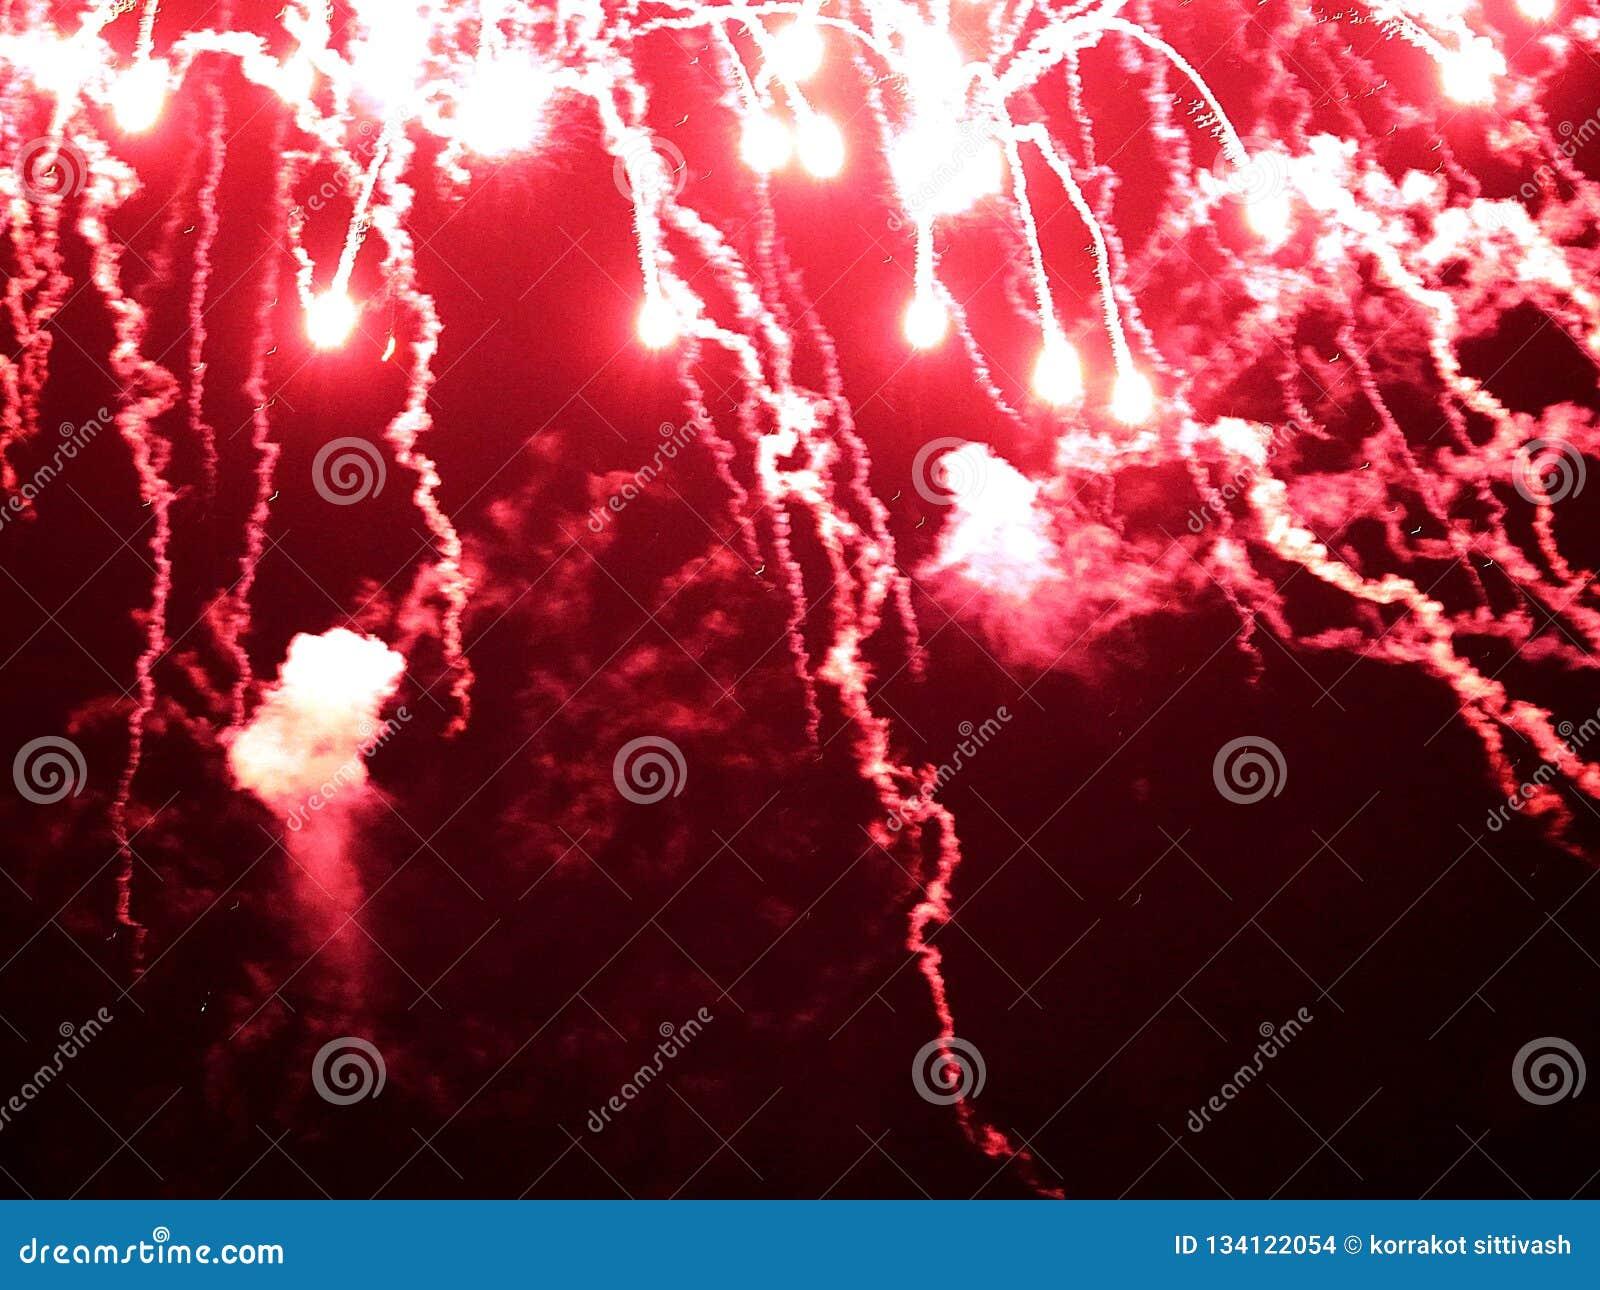 Extracto, fuegos artificiales, imagen borrosa La Navidad Luz con las chispas que brillan intensamente, tarjeta de felicitación de